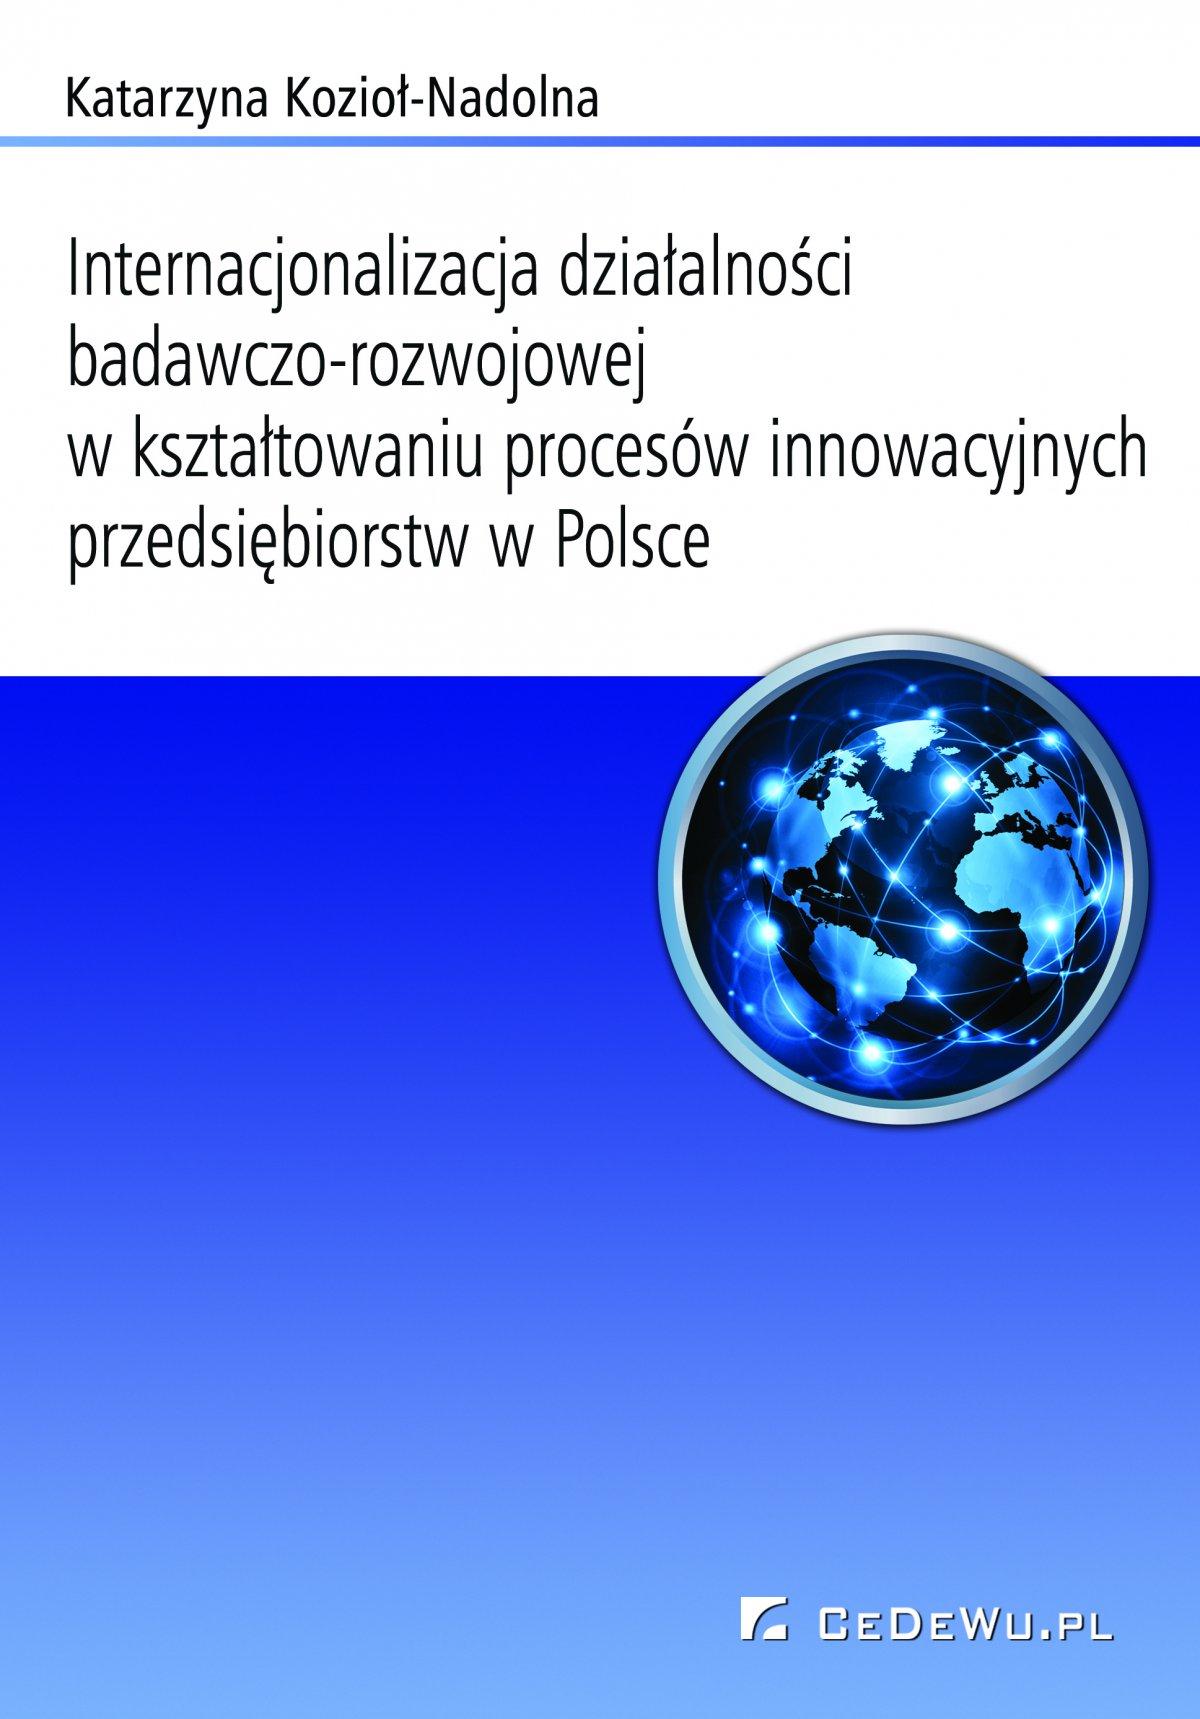 Internacjonalizacja działalności badawczo-rozwojowej w kształtowaniu procesów innowacyjnych przedsiębiorstw w Polsce - Ebook (Książka PDF) do pobrania w formacie PDF